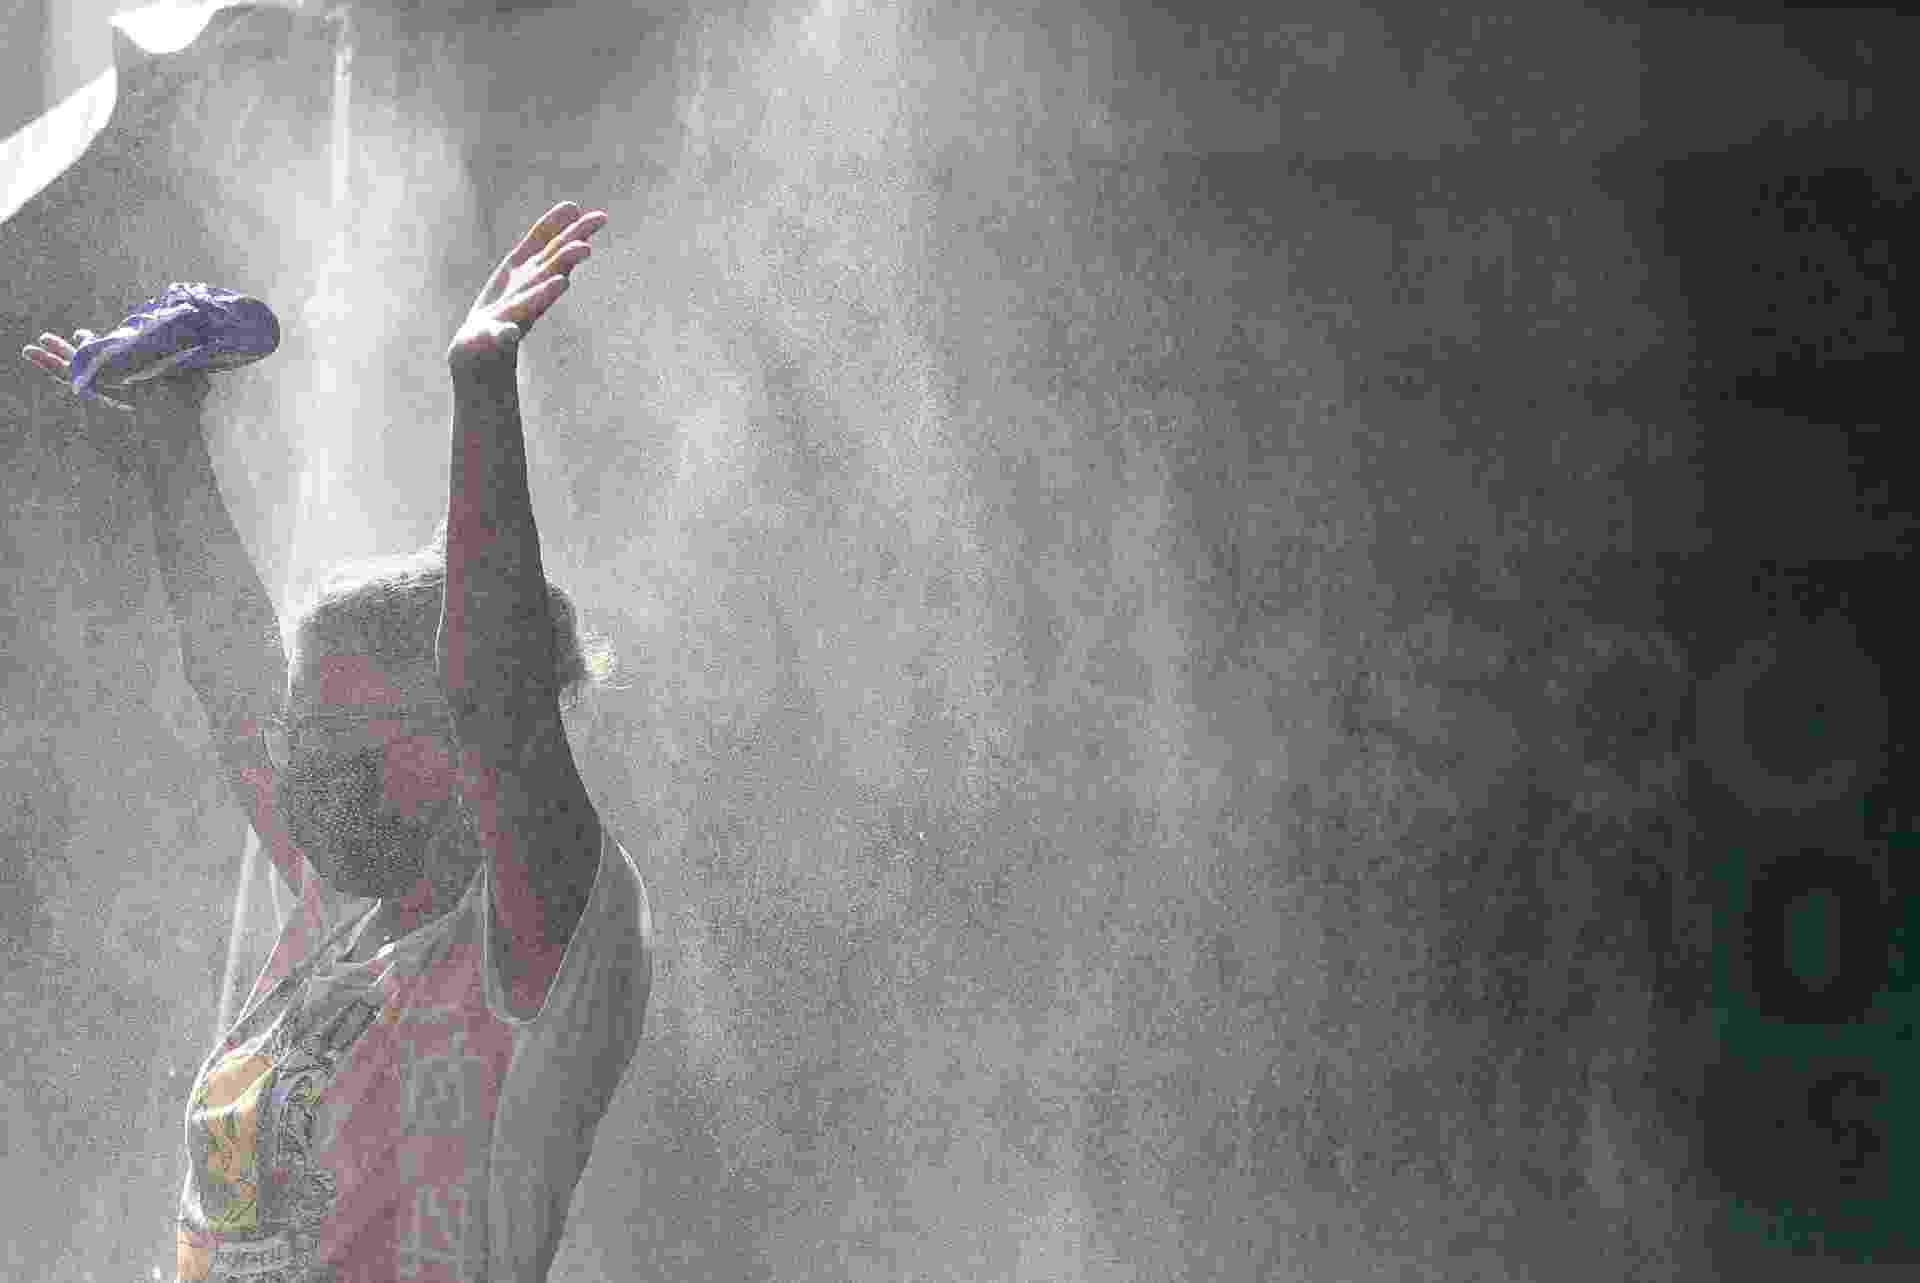 Uma mulher passa por um spray de solução desinfetante na entrada de uma estação de trem durante o surto de doença por coronavírus em Osasco - RAHEL PATRASSO/REUTERS